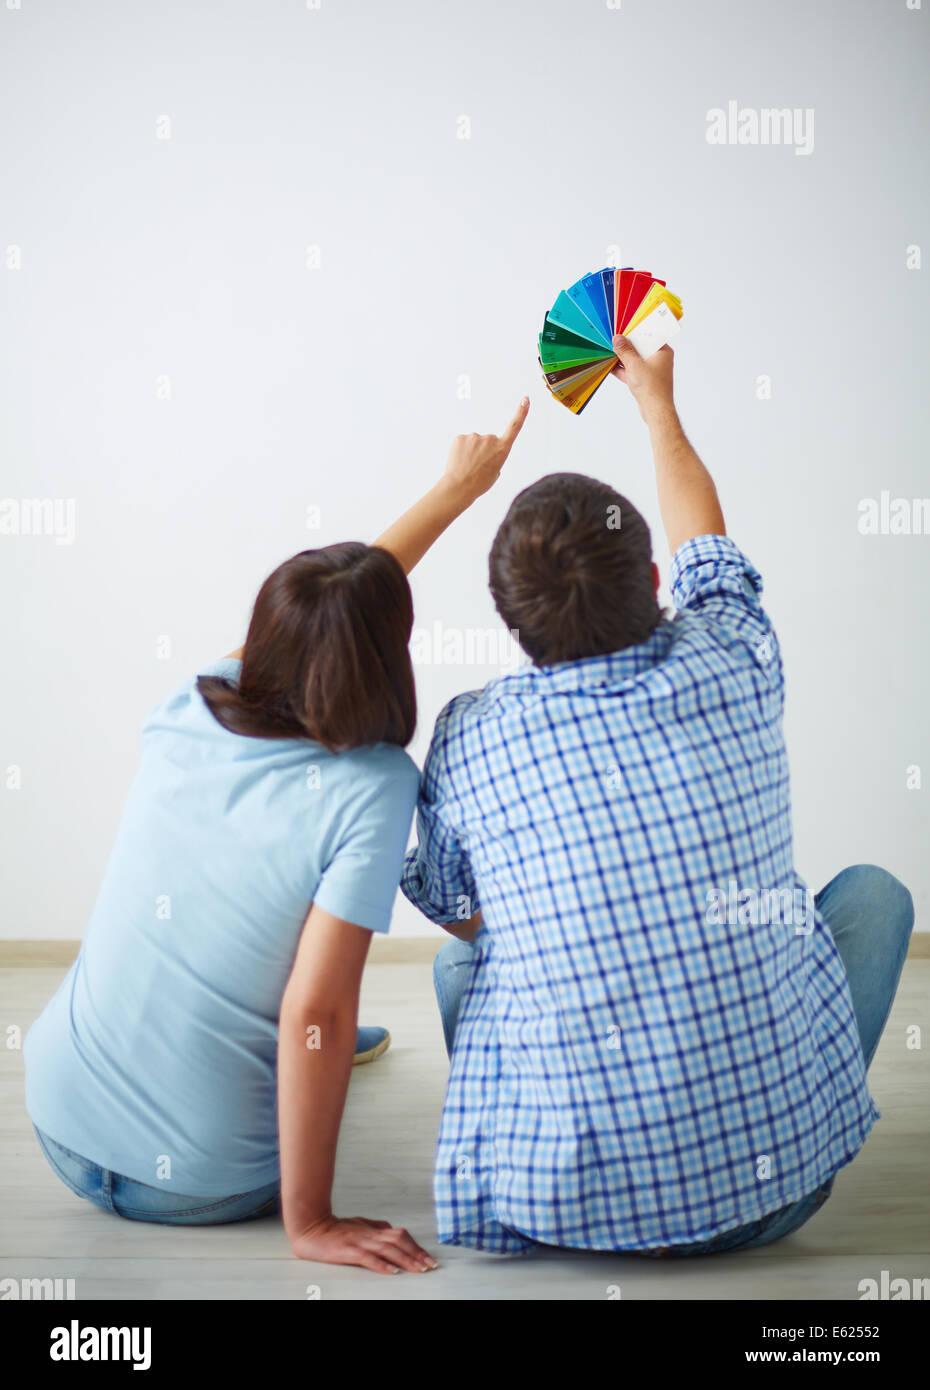 Rücken von Mann und Frau sitzen auf dem Boden des neuen Hauses und wählen Sie die Farbe der Wände Stockbild